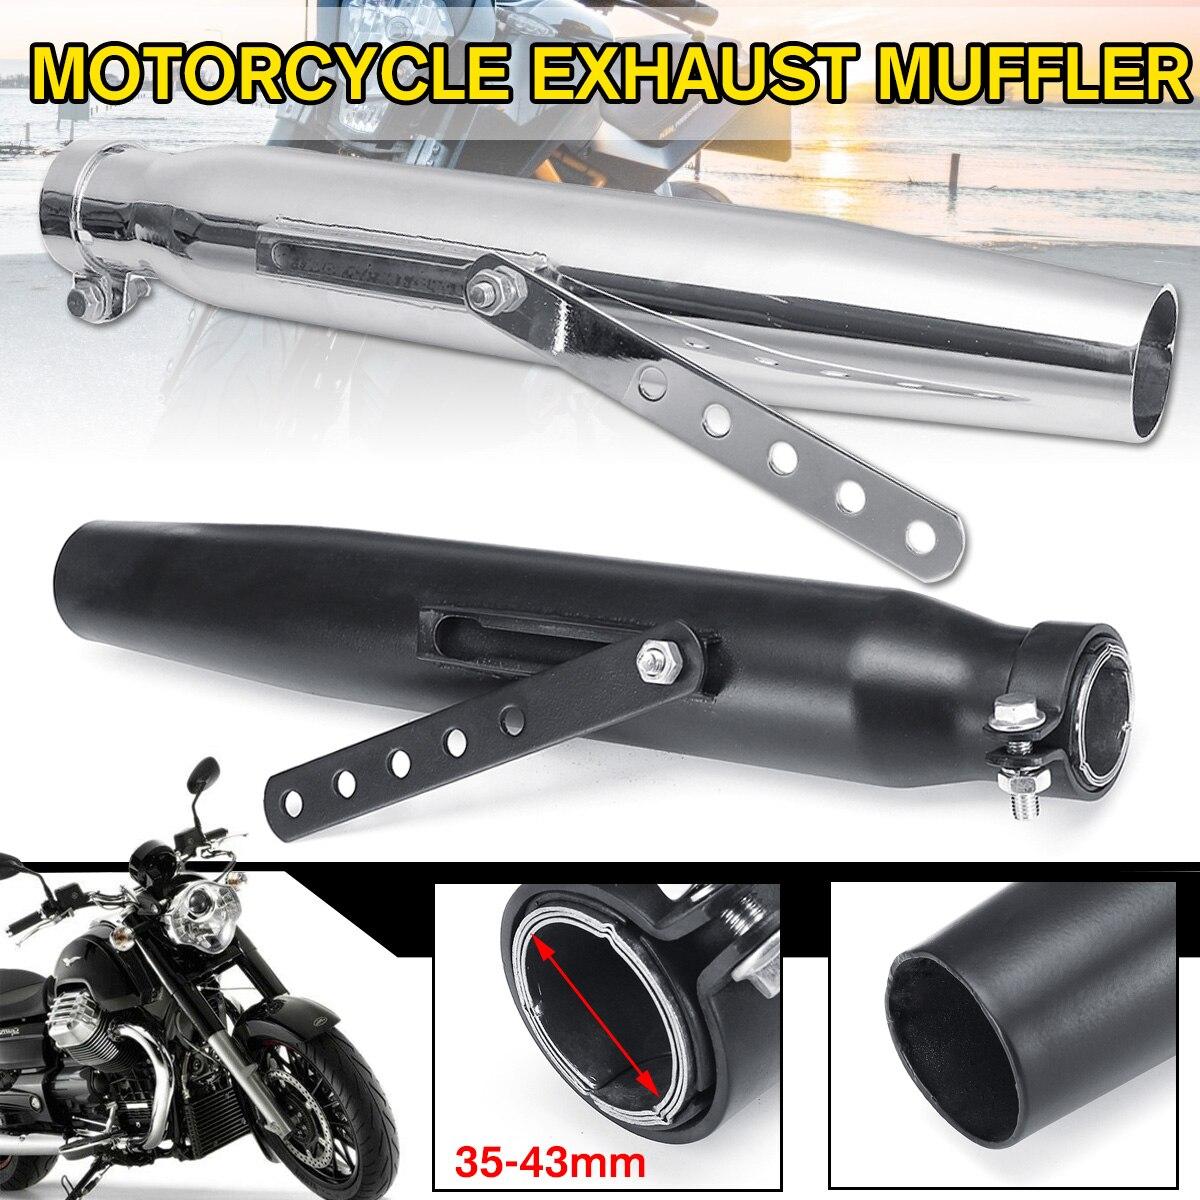 35-43mm tuyau d'échappement silencieux queue rétro silencieux pour Harley Davidson pour vtt moto universel moto silencieux Chrome